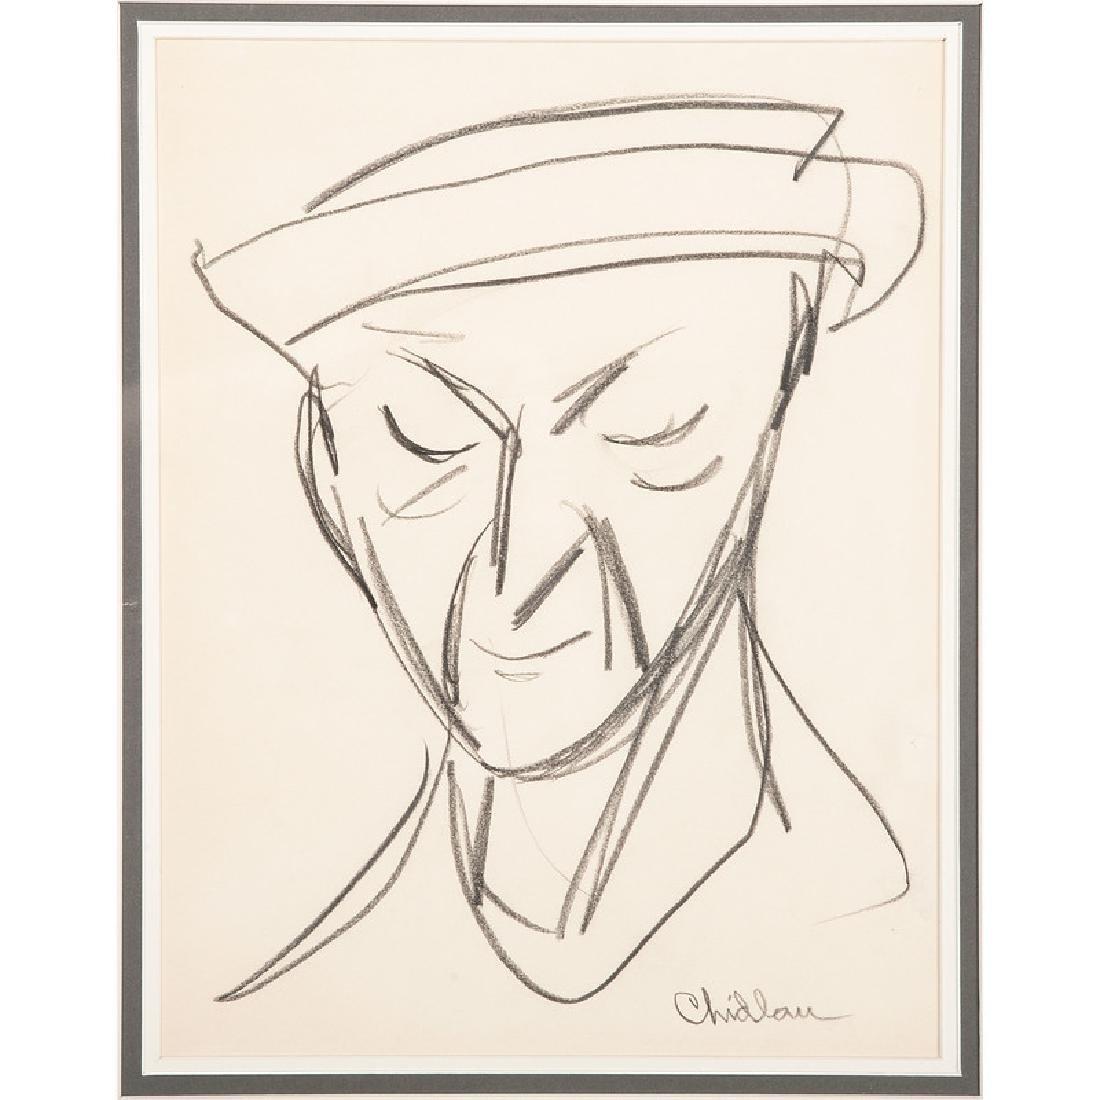 Paul Chidlaw (American, 1900-1989)